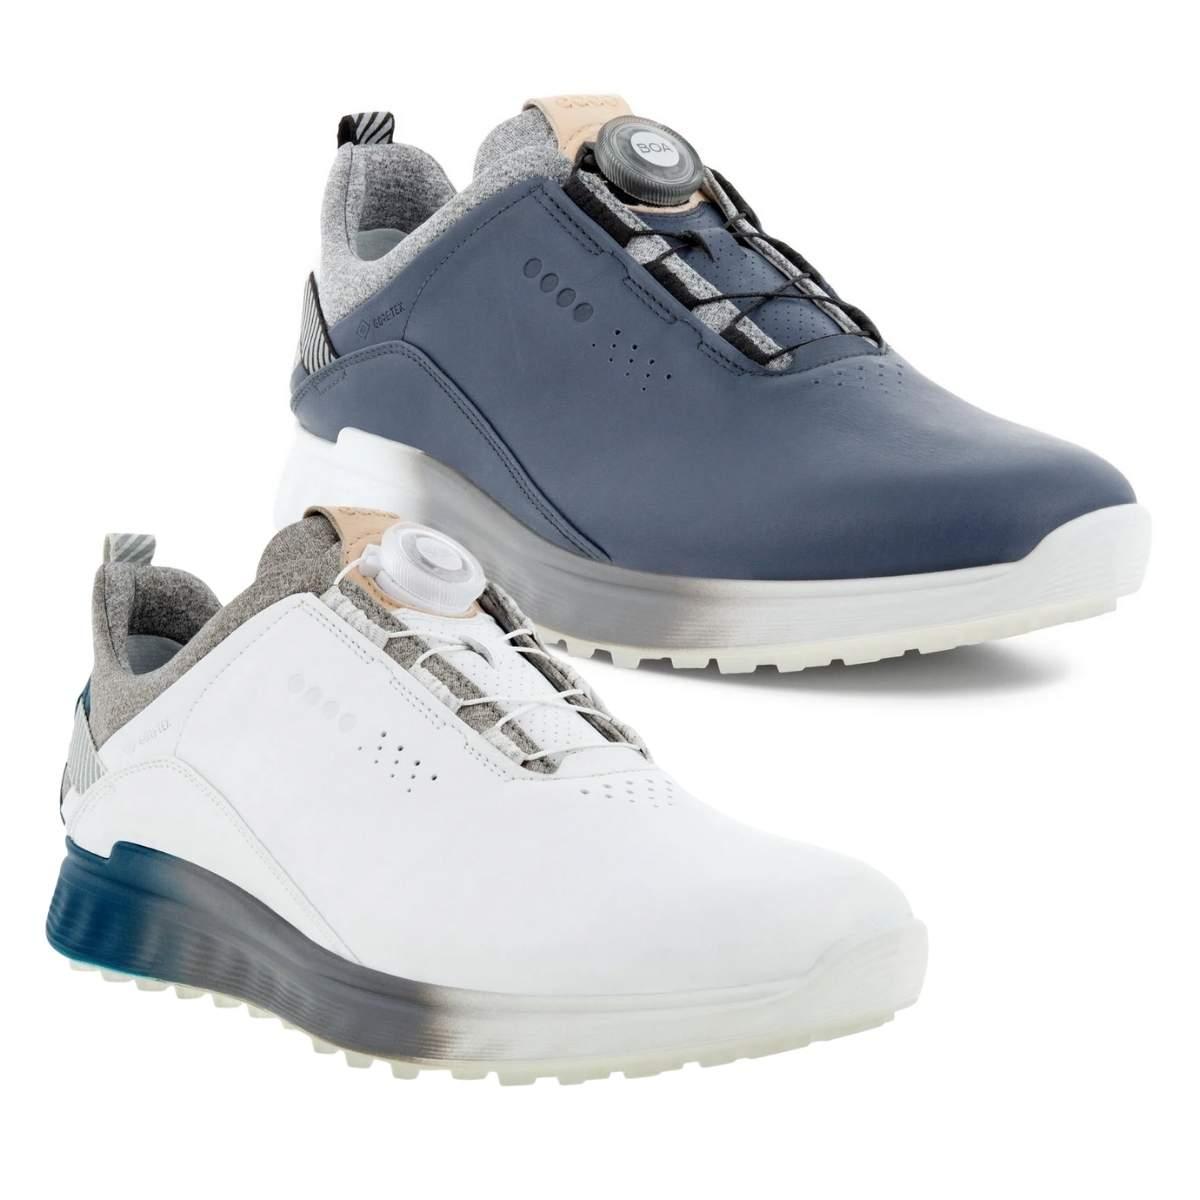 ECCO Men's S-Three BOA Golf Shoe